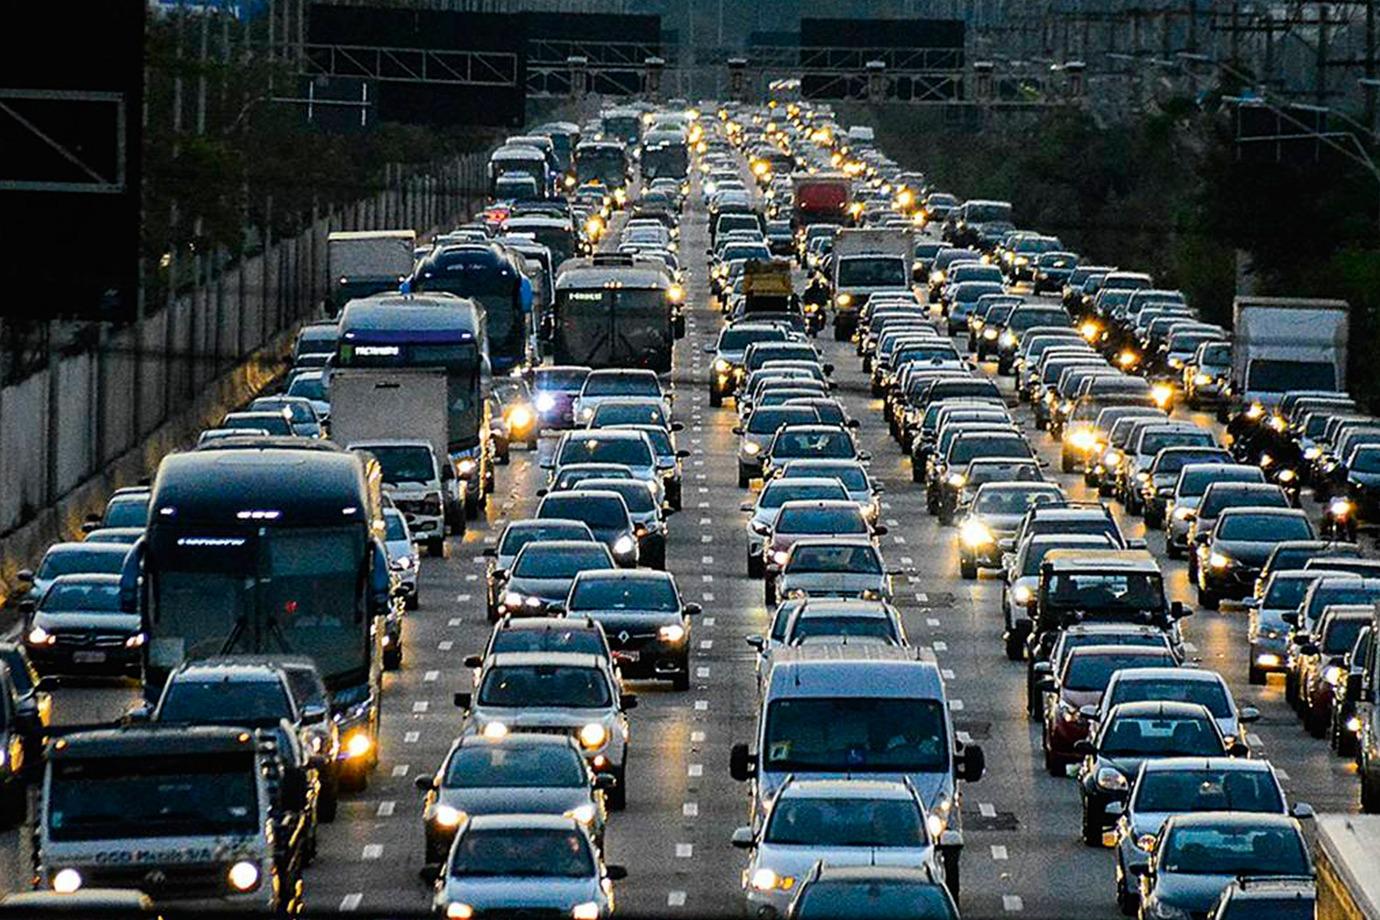 Multas - 10 dúvidas comuns sobre multas de trânsito (Parte 3) - Recorra Aqui Blog